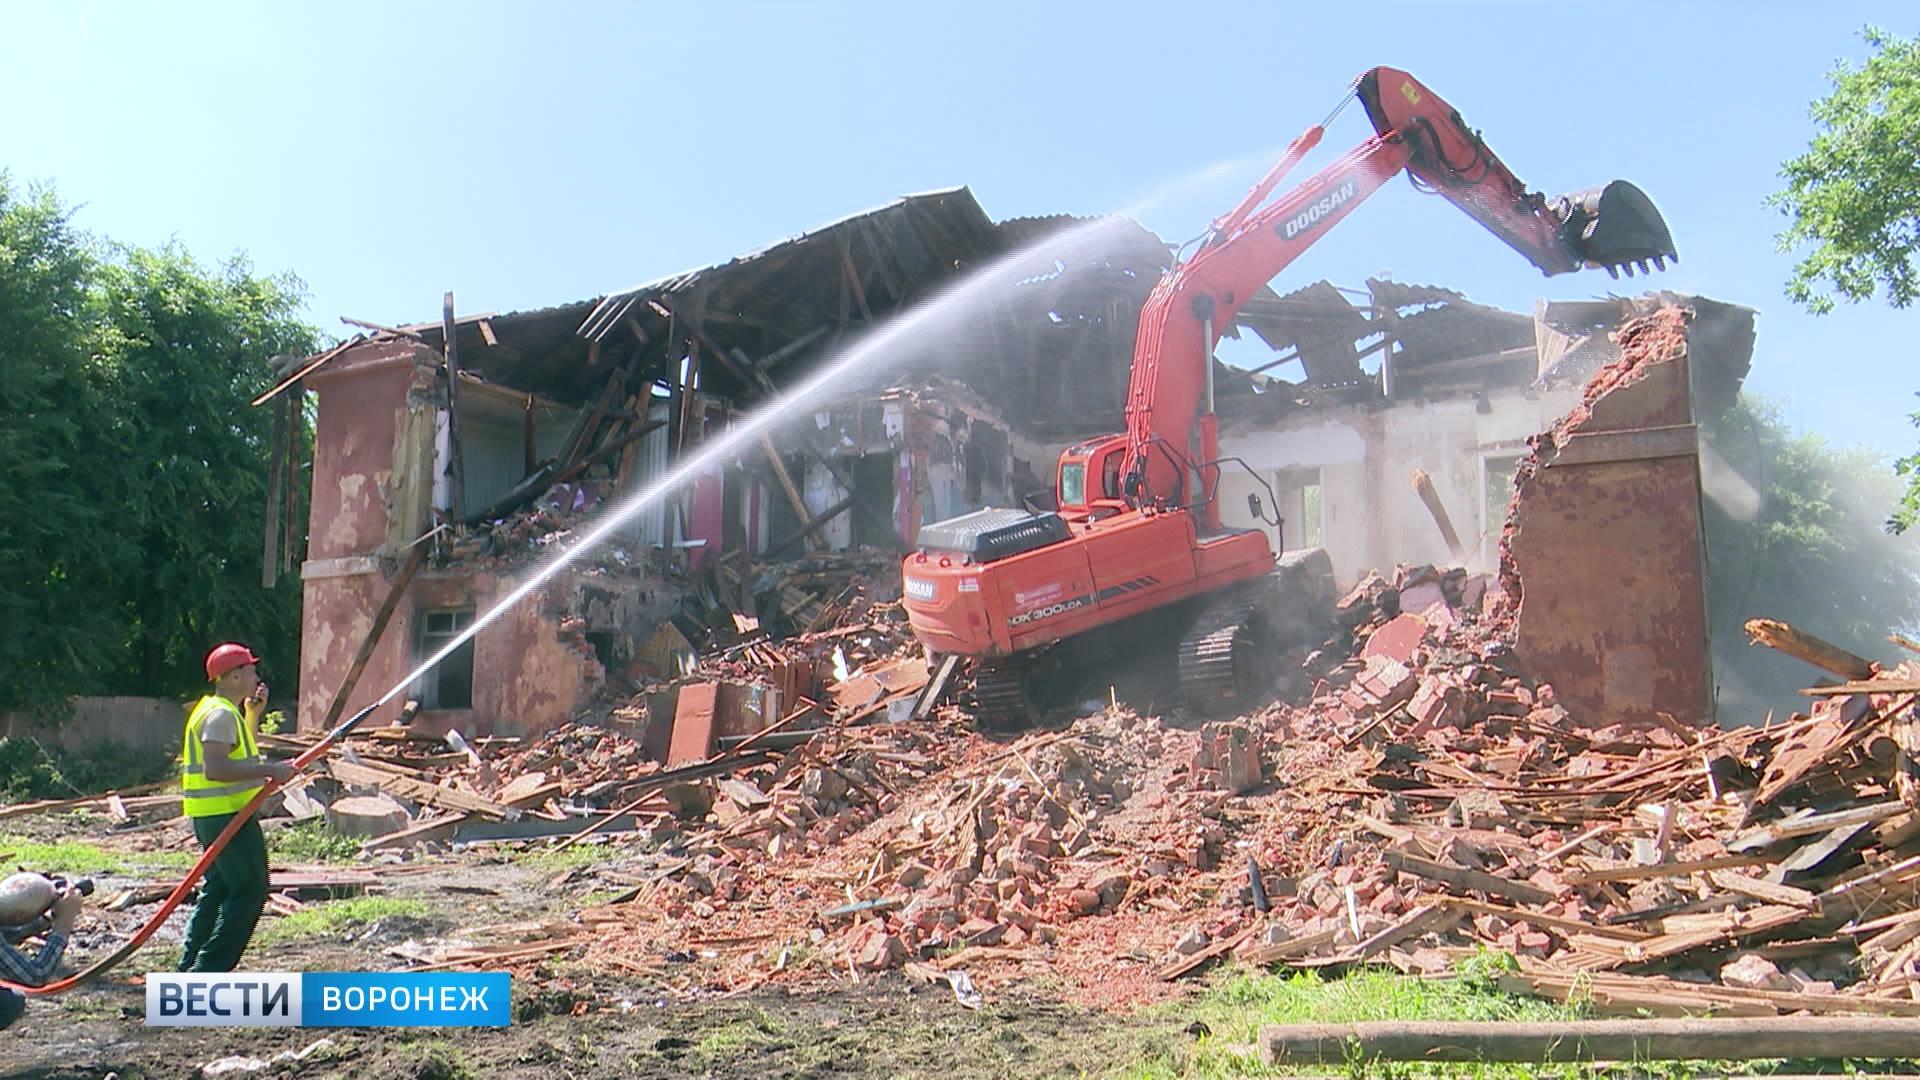 Воронеж прощается с прошлым. Как исчезают аварийные жилые кварталы